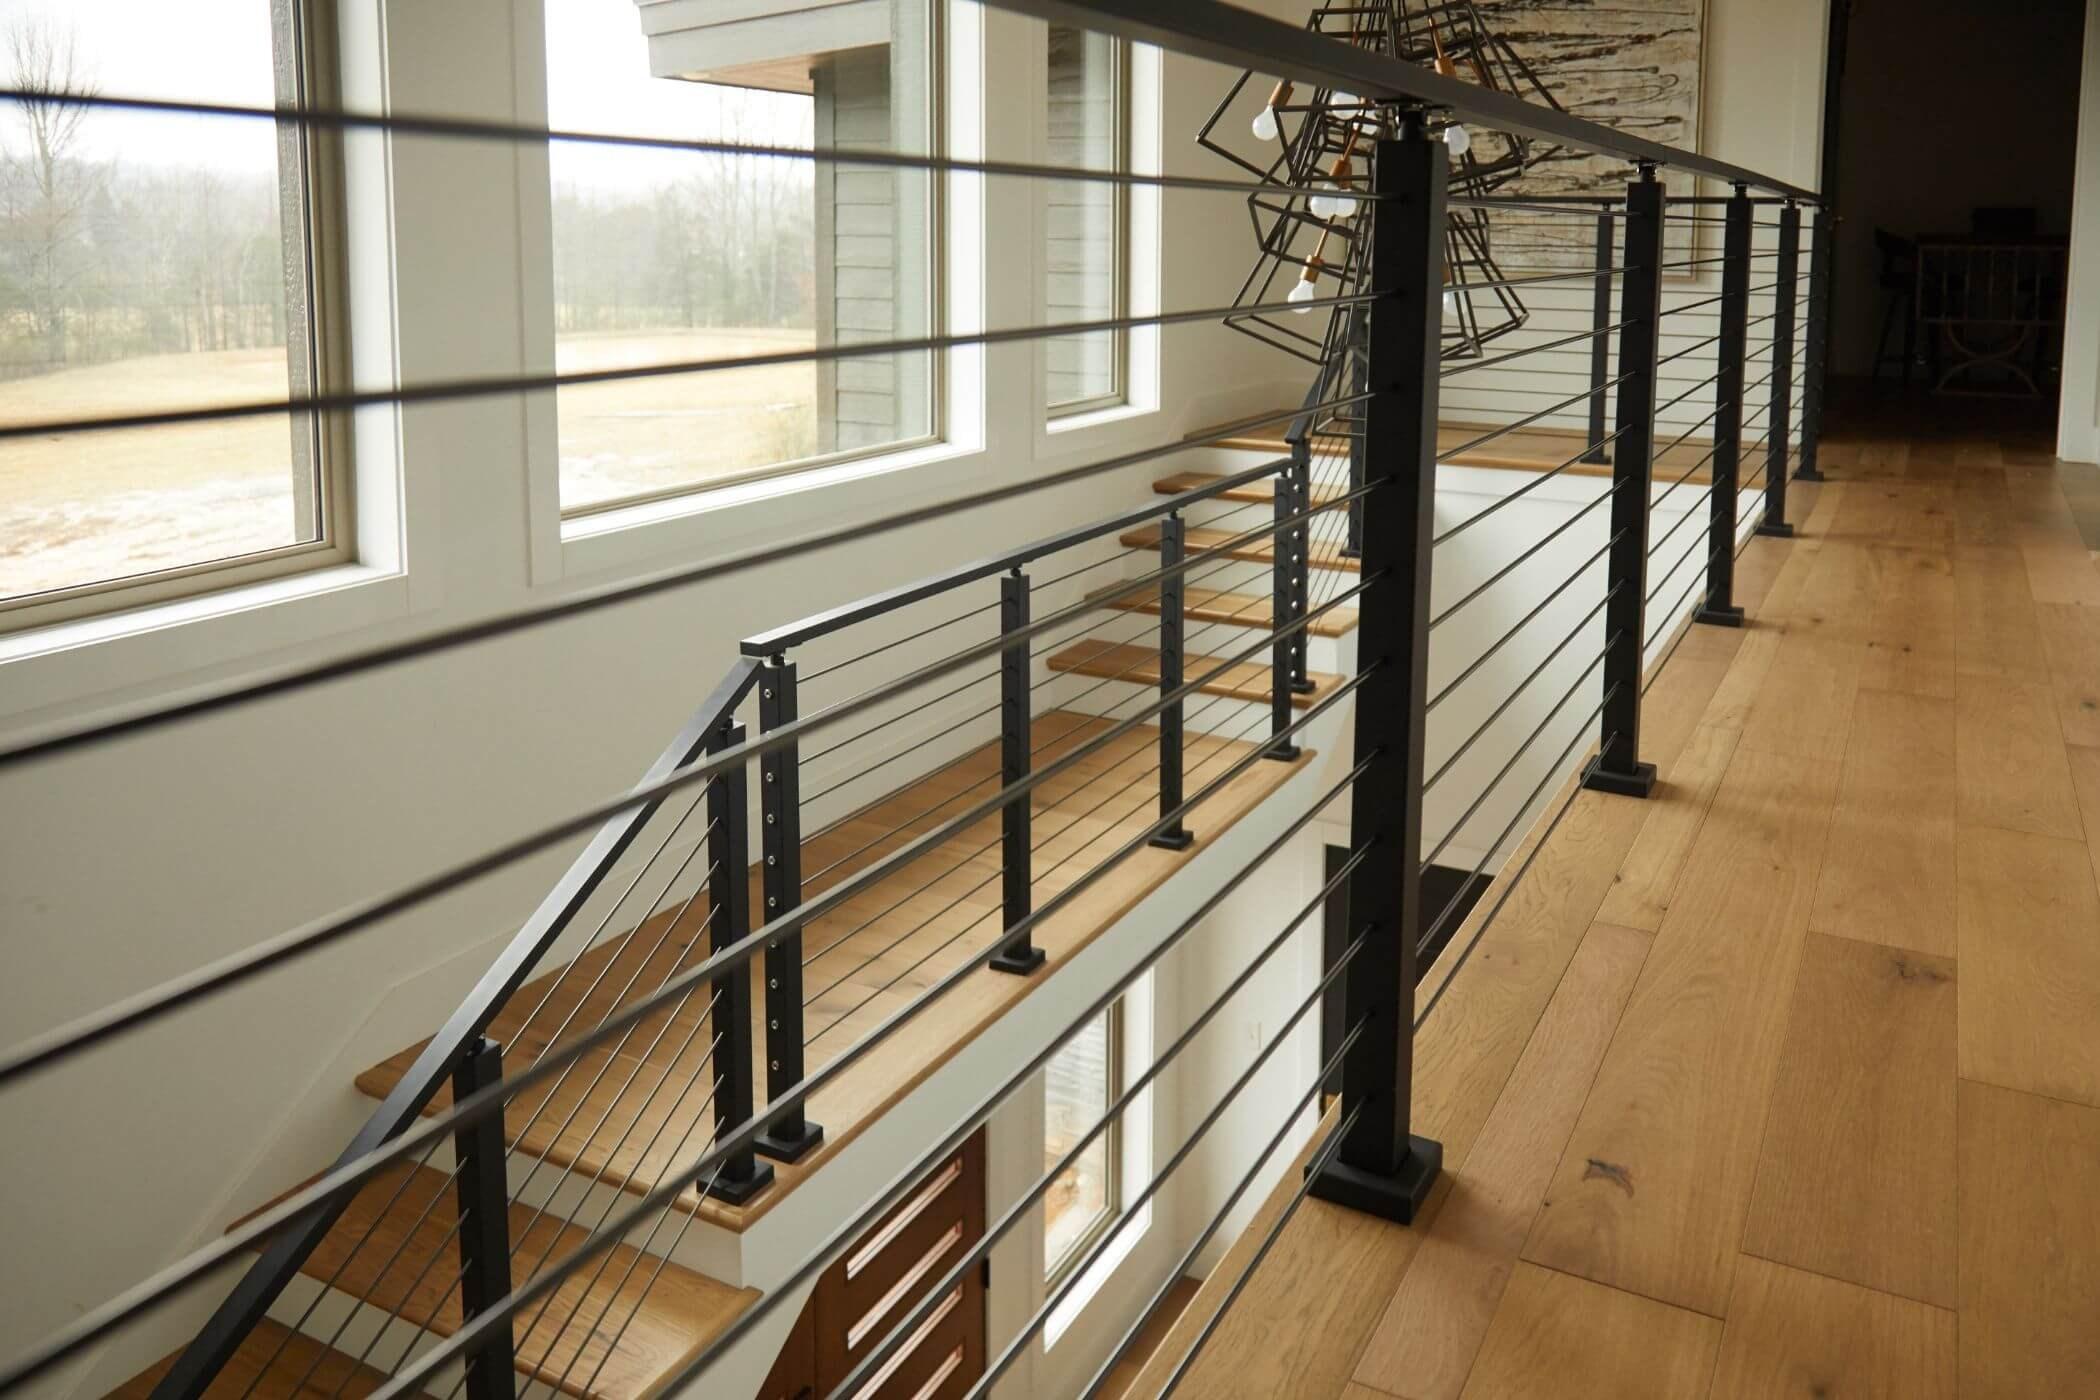 Onyx Rod Railing System Black Stainless Steel Railing Viewrail   Modern Black Metal Stair Railing   Minimalist   Metal Spindle   Simple Two Story House   Dark Wood   Rustic